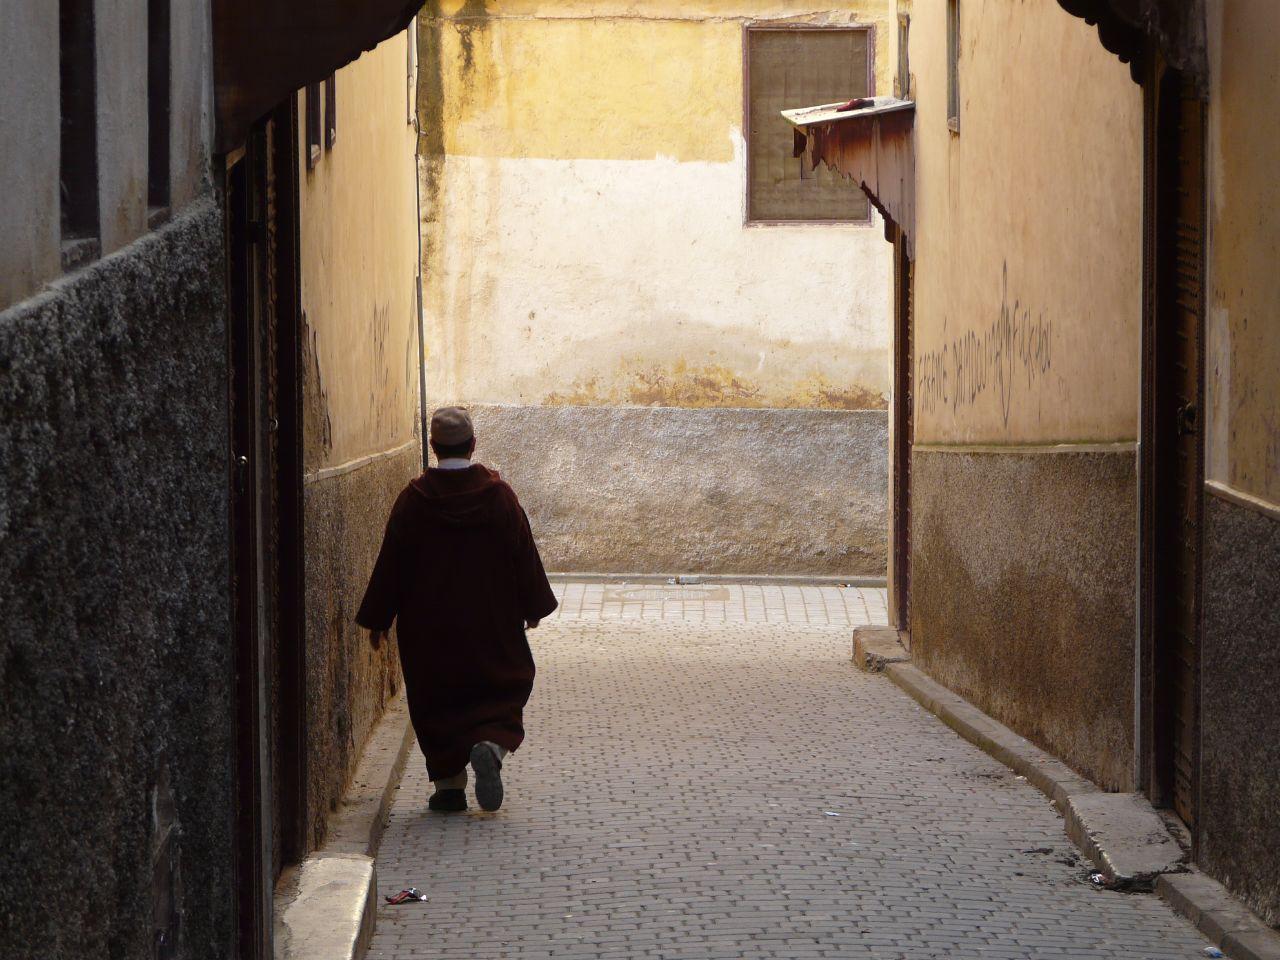 Calle en Fez (Marruecos)